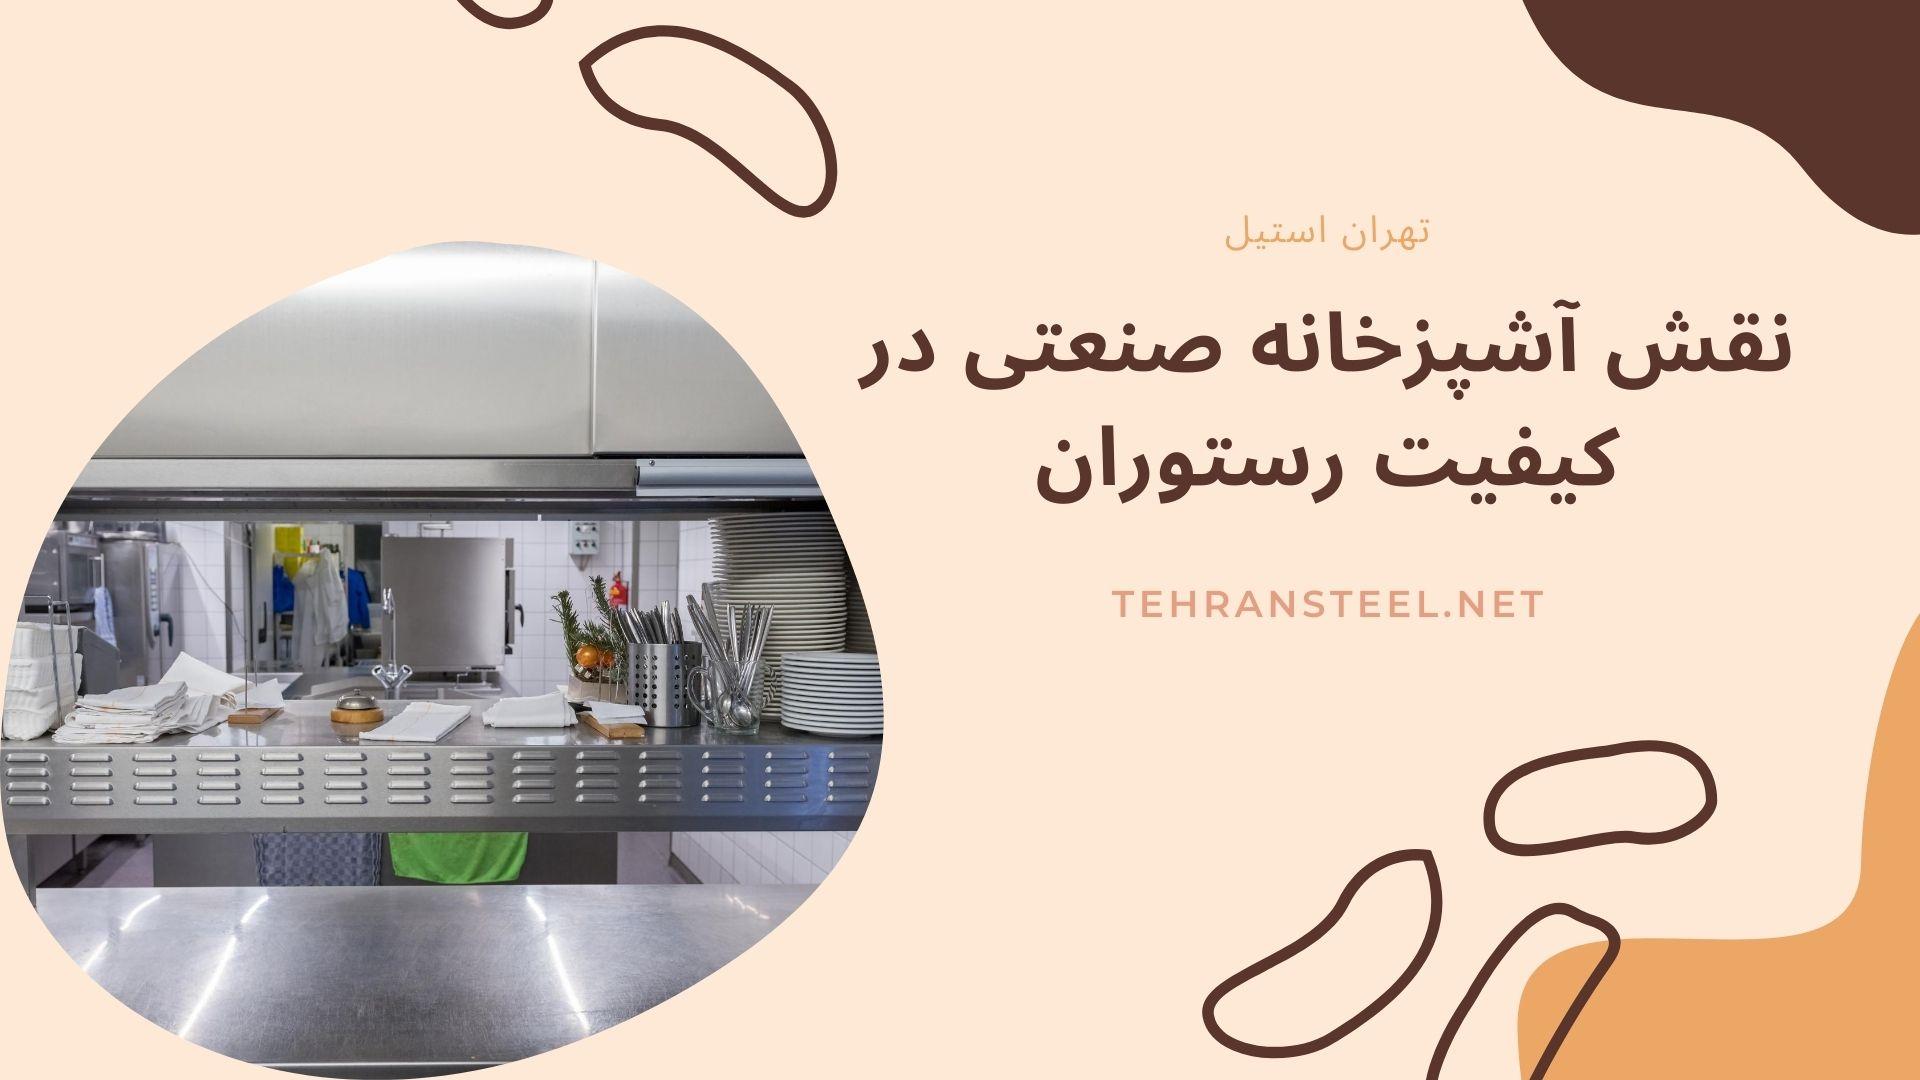 نقش آشپزخانه صنعتی در کیفیت رستوران